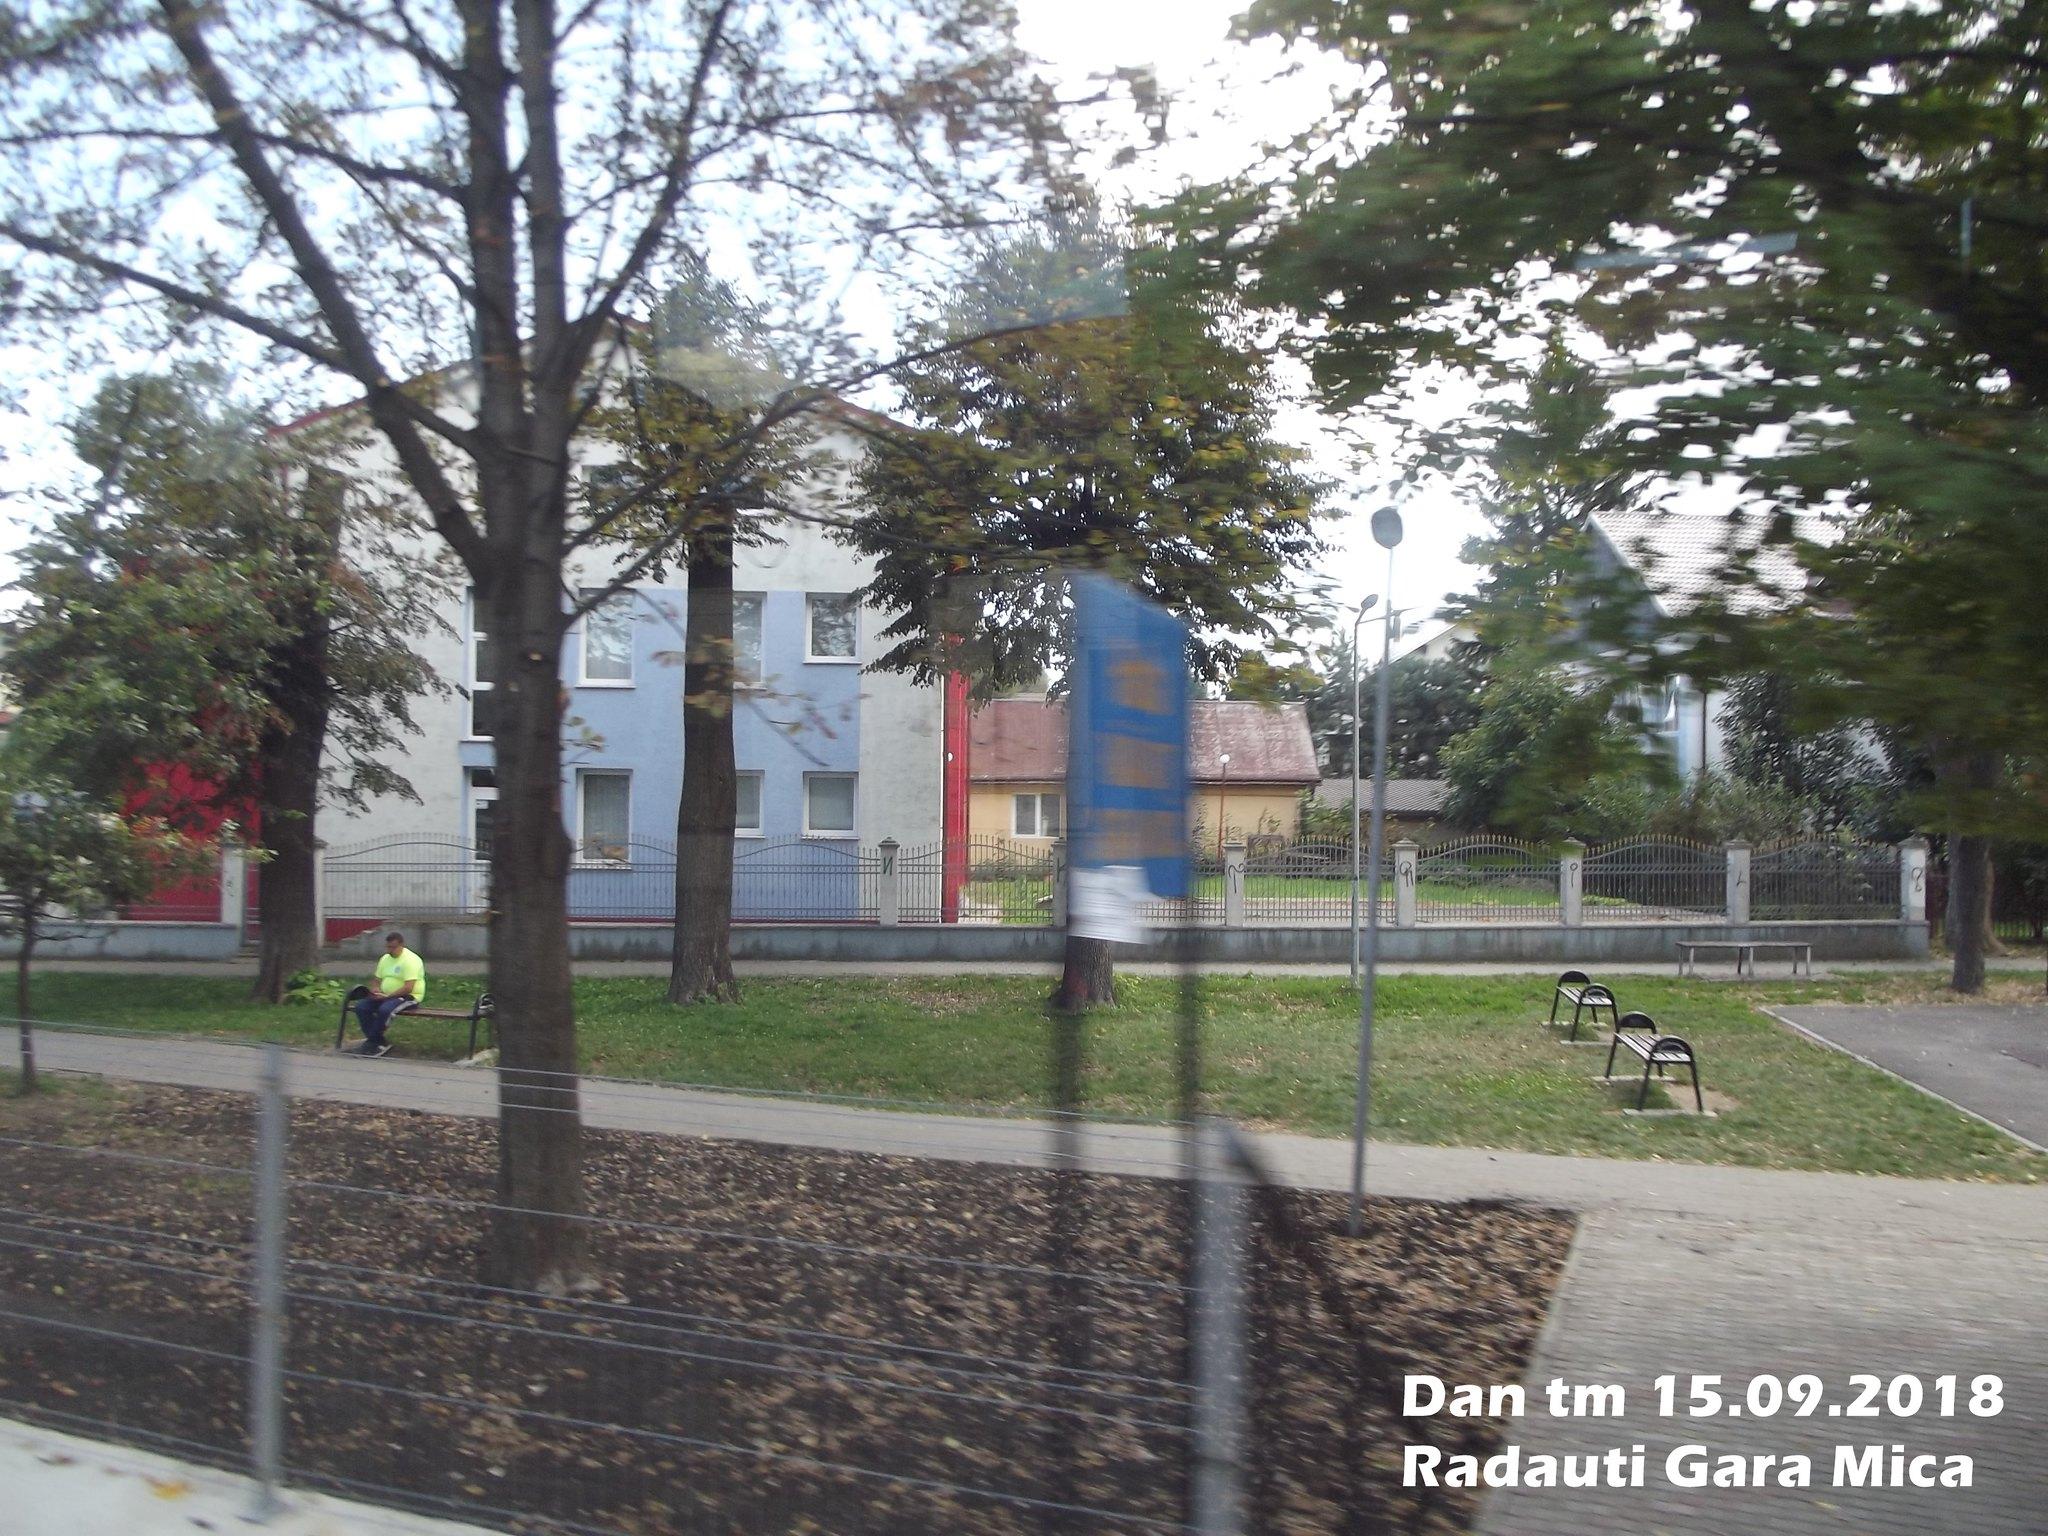 515 : Dorneşti - Gura Putnei - (Putna) - Nisipitu - Seletin UKR - Pagina 47 43826159935_aece18b5f2_k